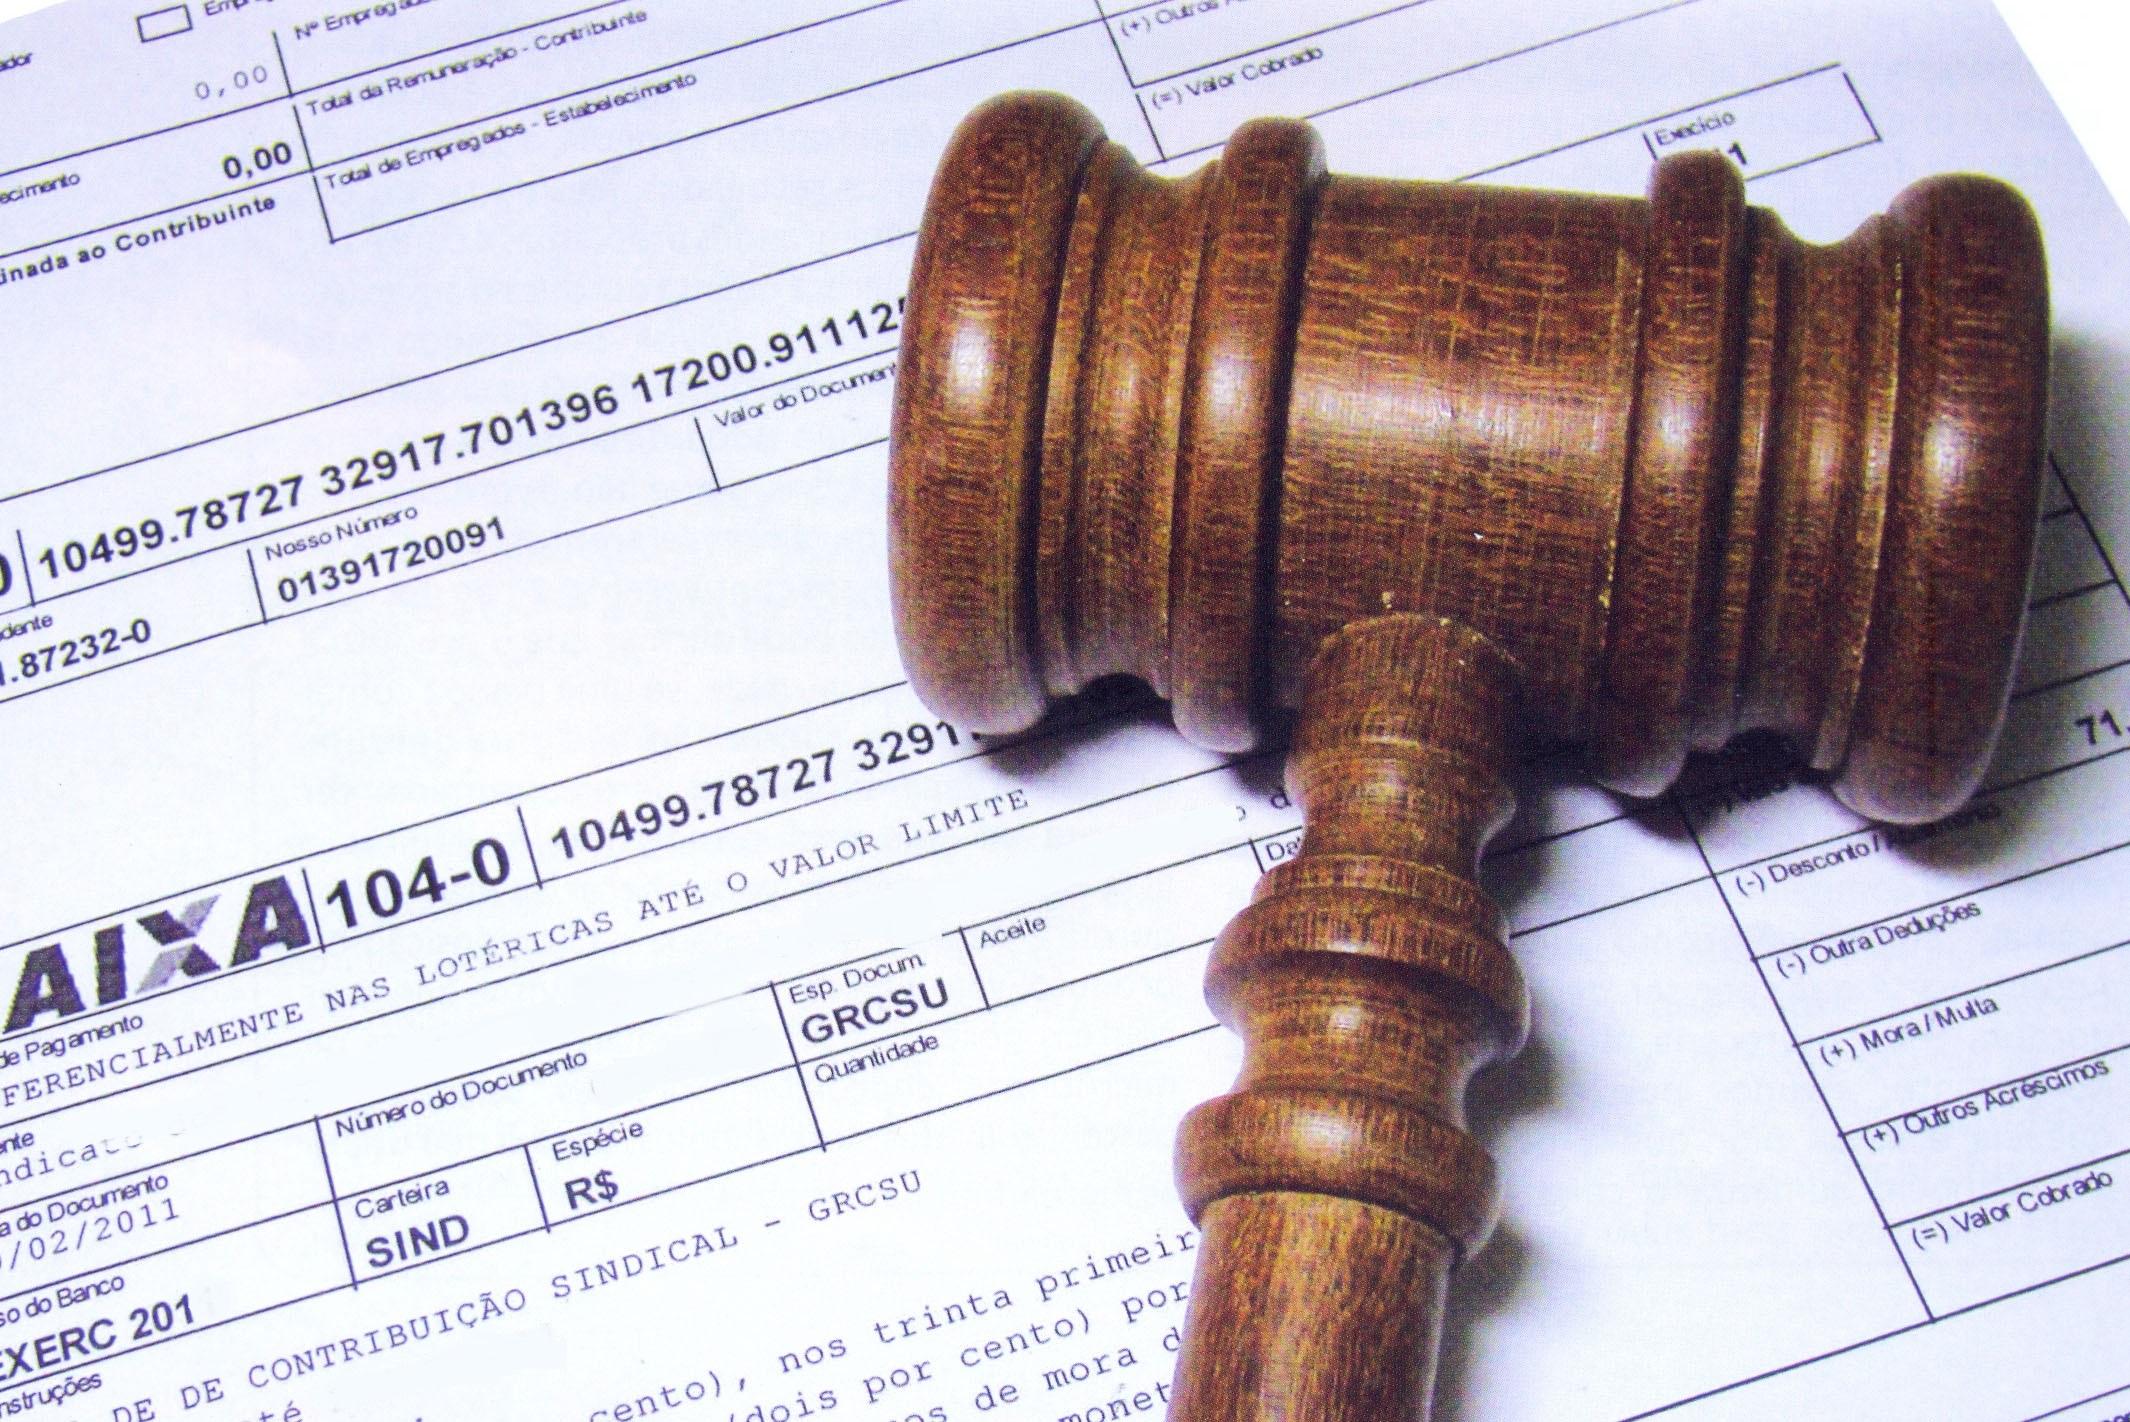 Tribunal Regional do Trabalho de Juiz de Fora (MG) autoriza cobrança da contribuição sindical